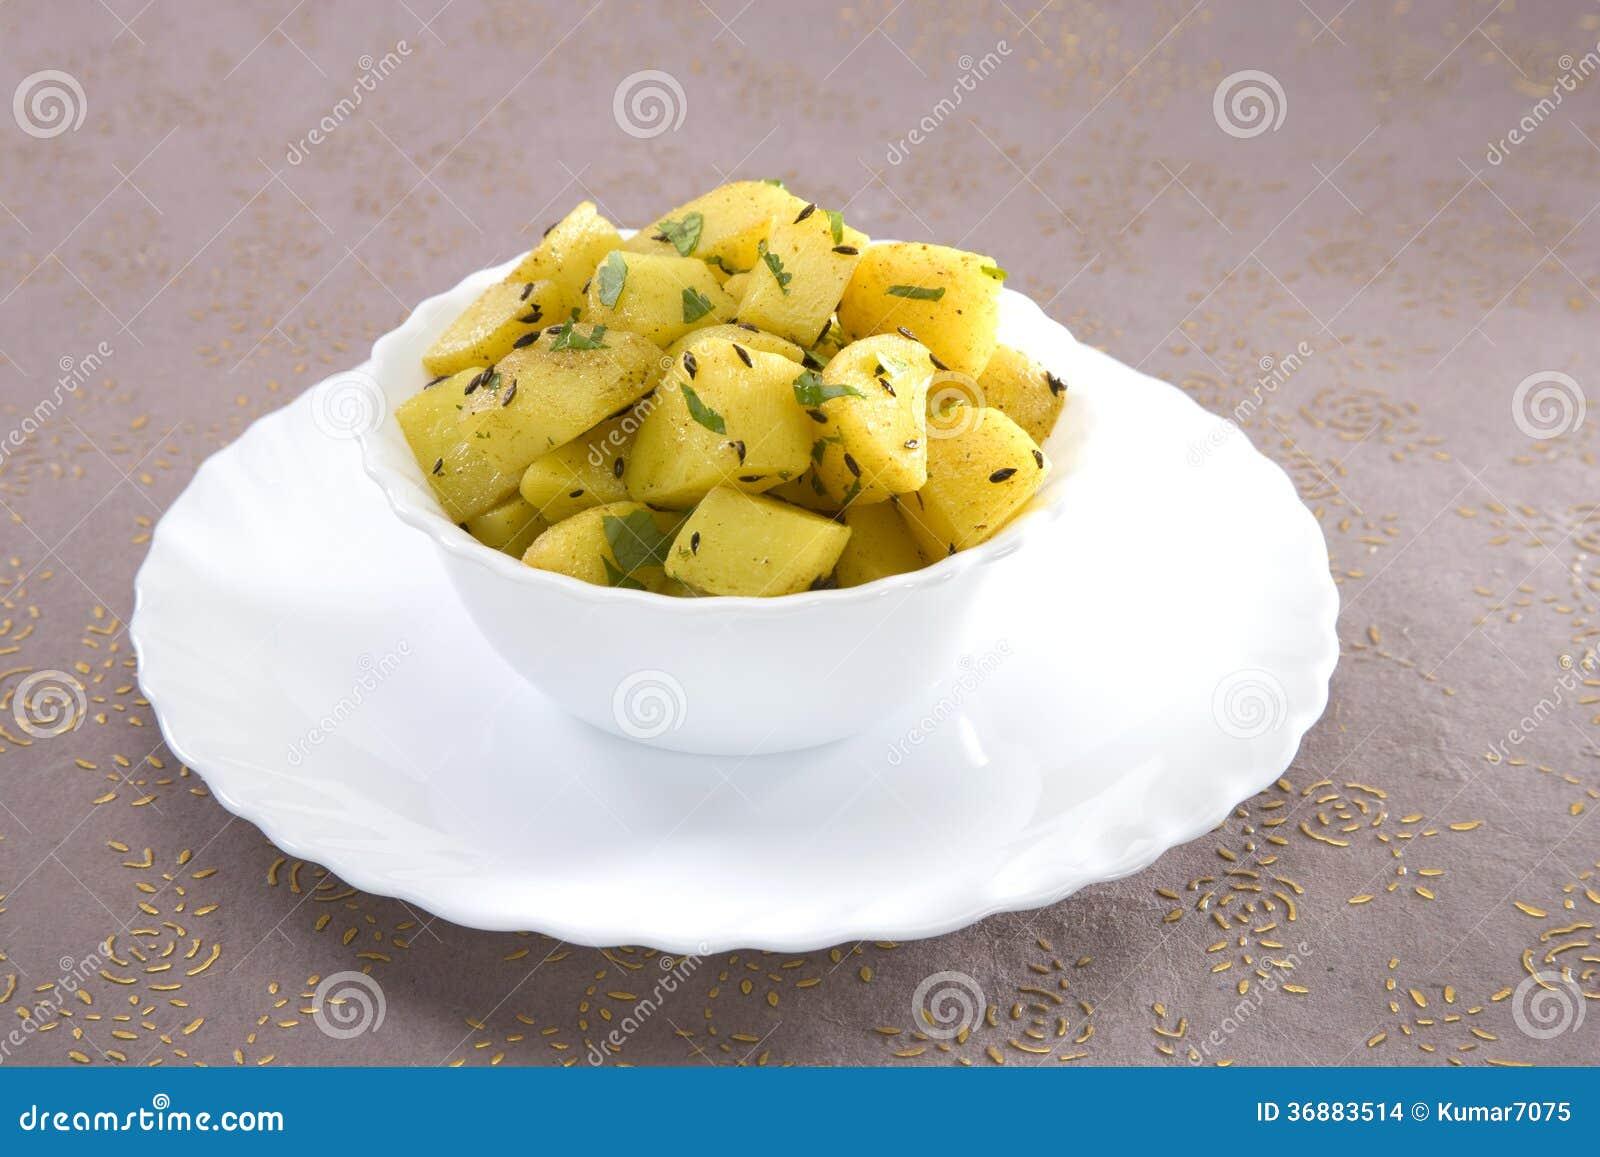 Download Fried Potatoes fotografia stock. Immagine di bianco, piatto - 36883514